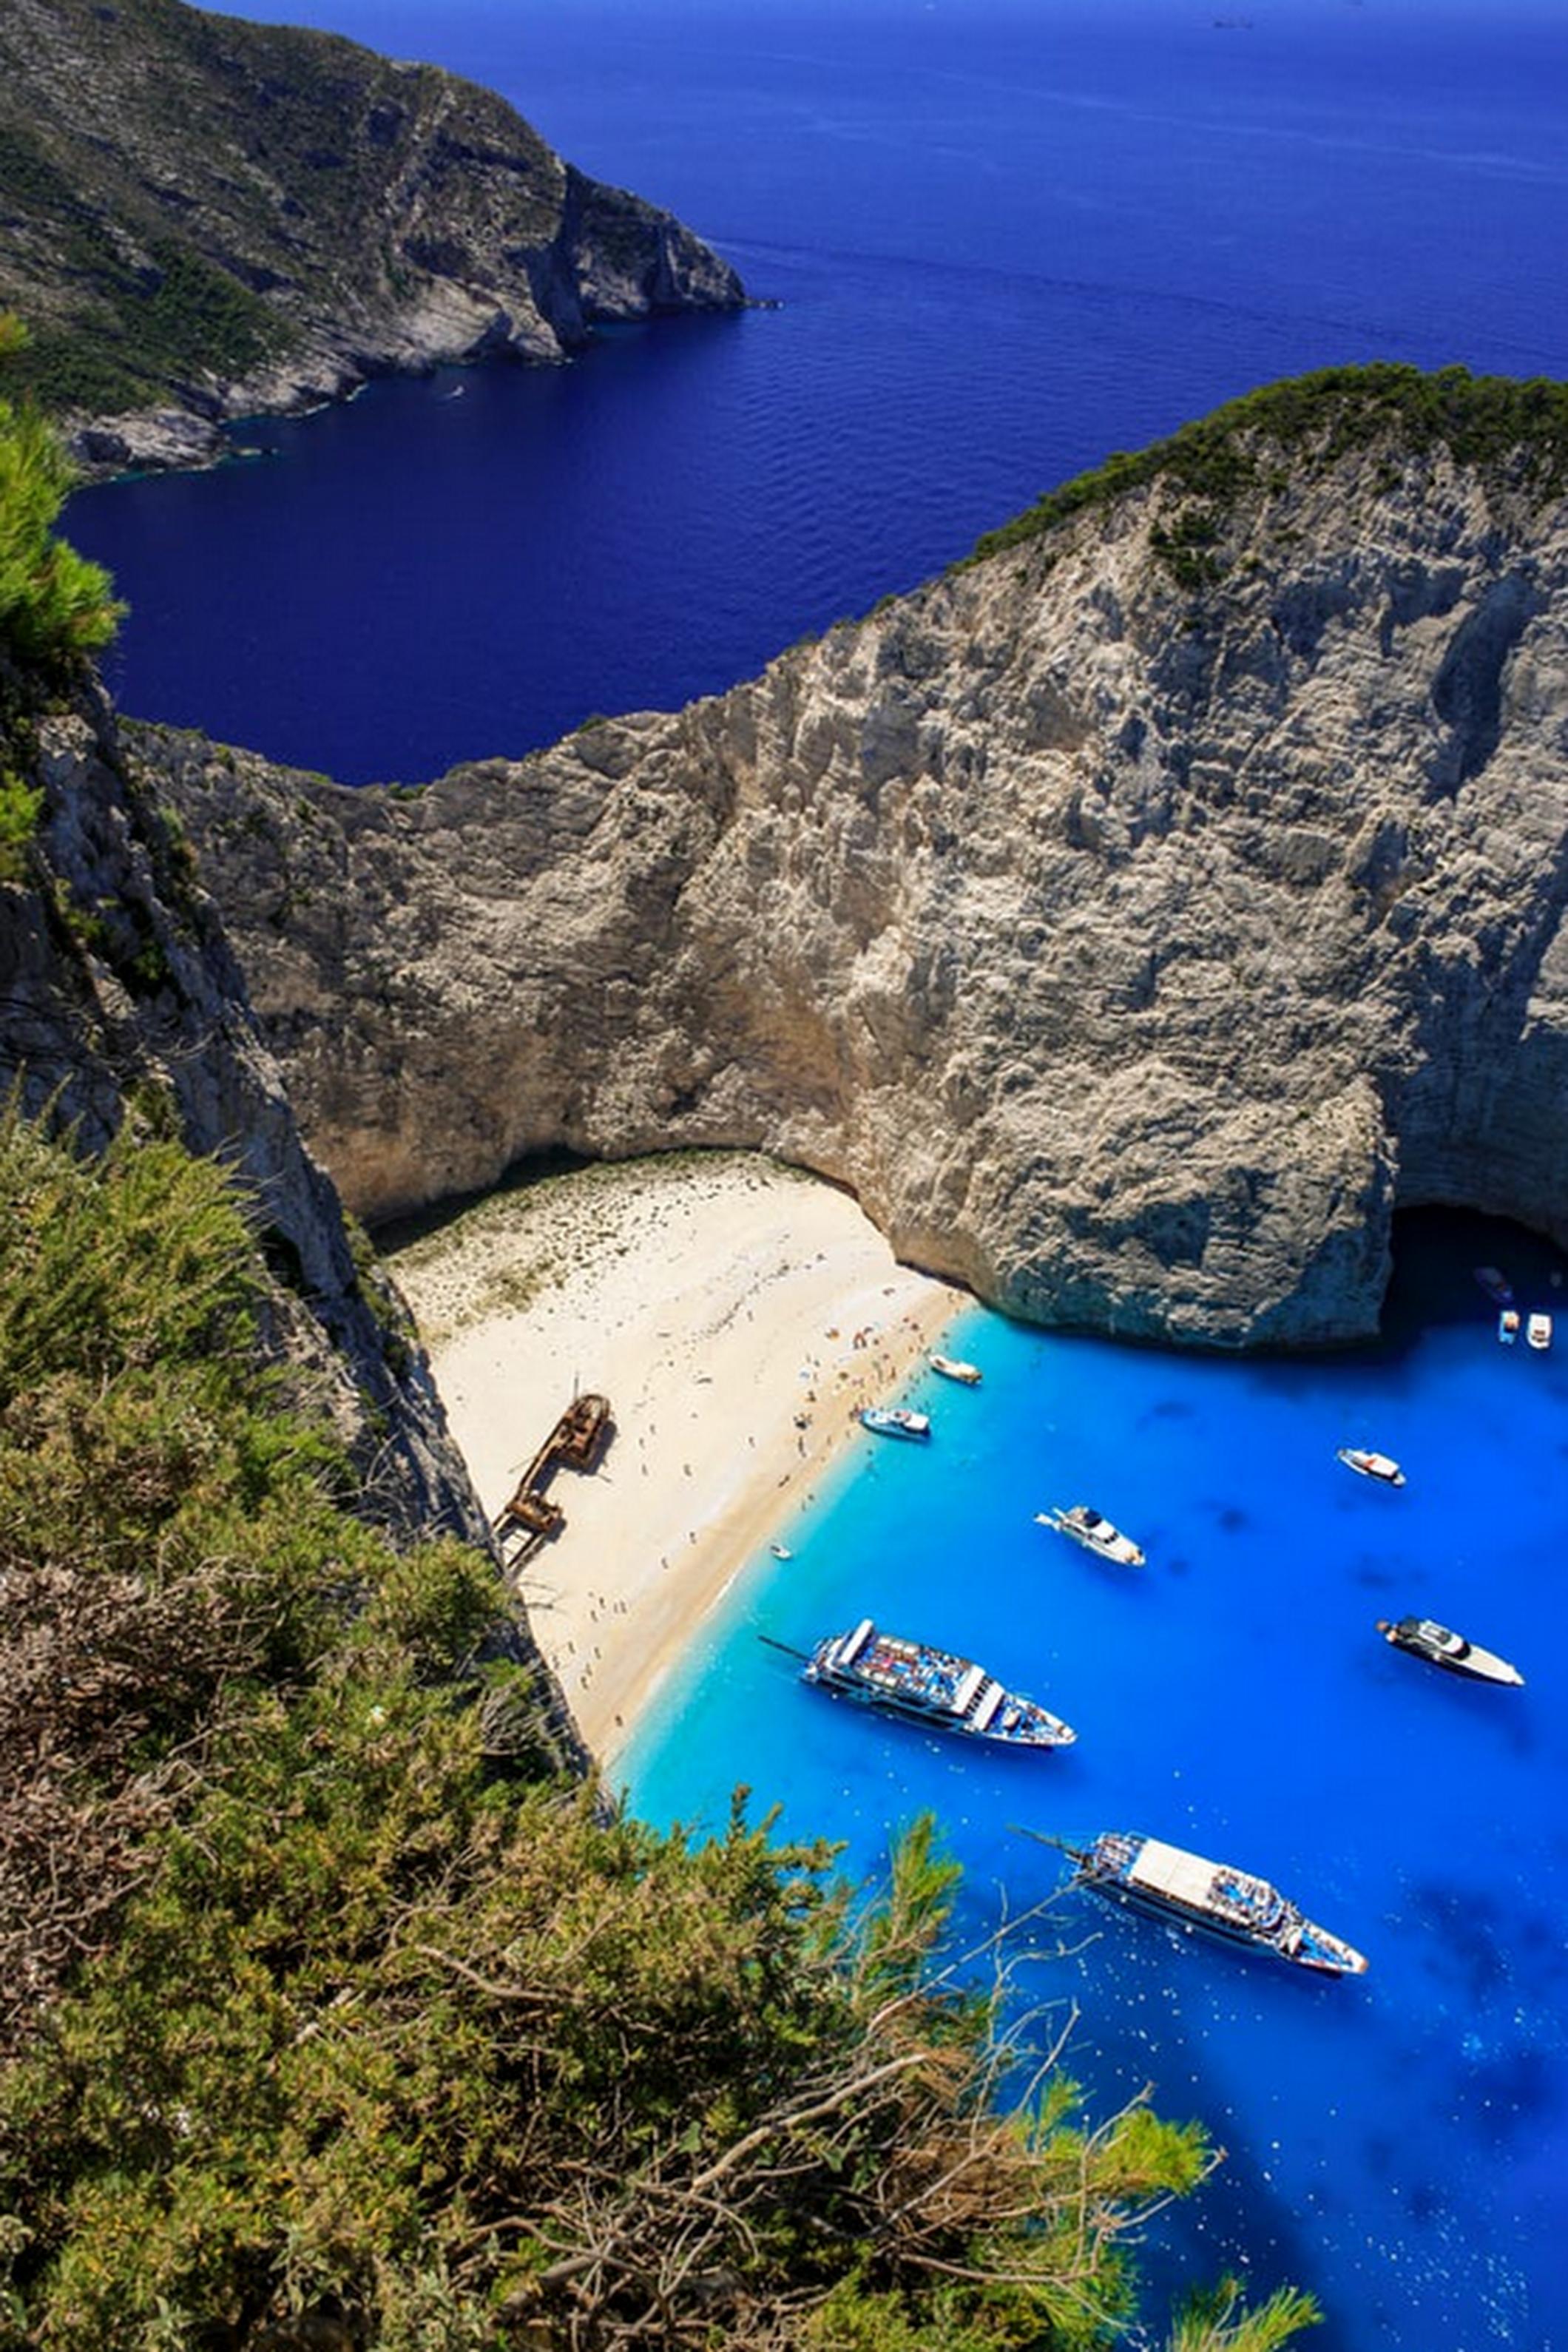 Navagio Beach, Zakynthos Island, Greece Photo By Frederik